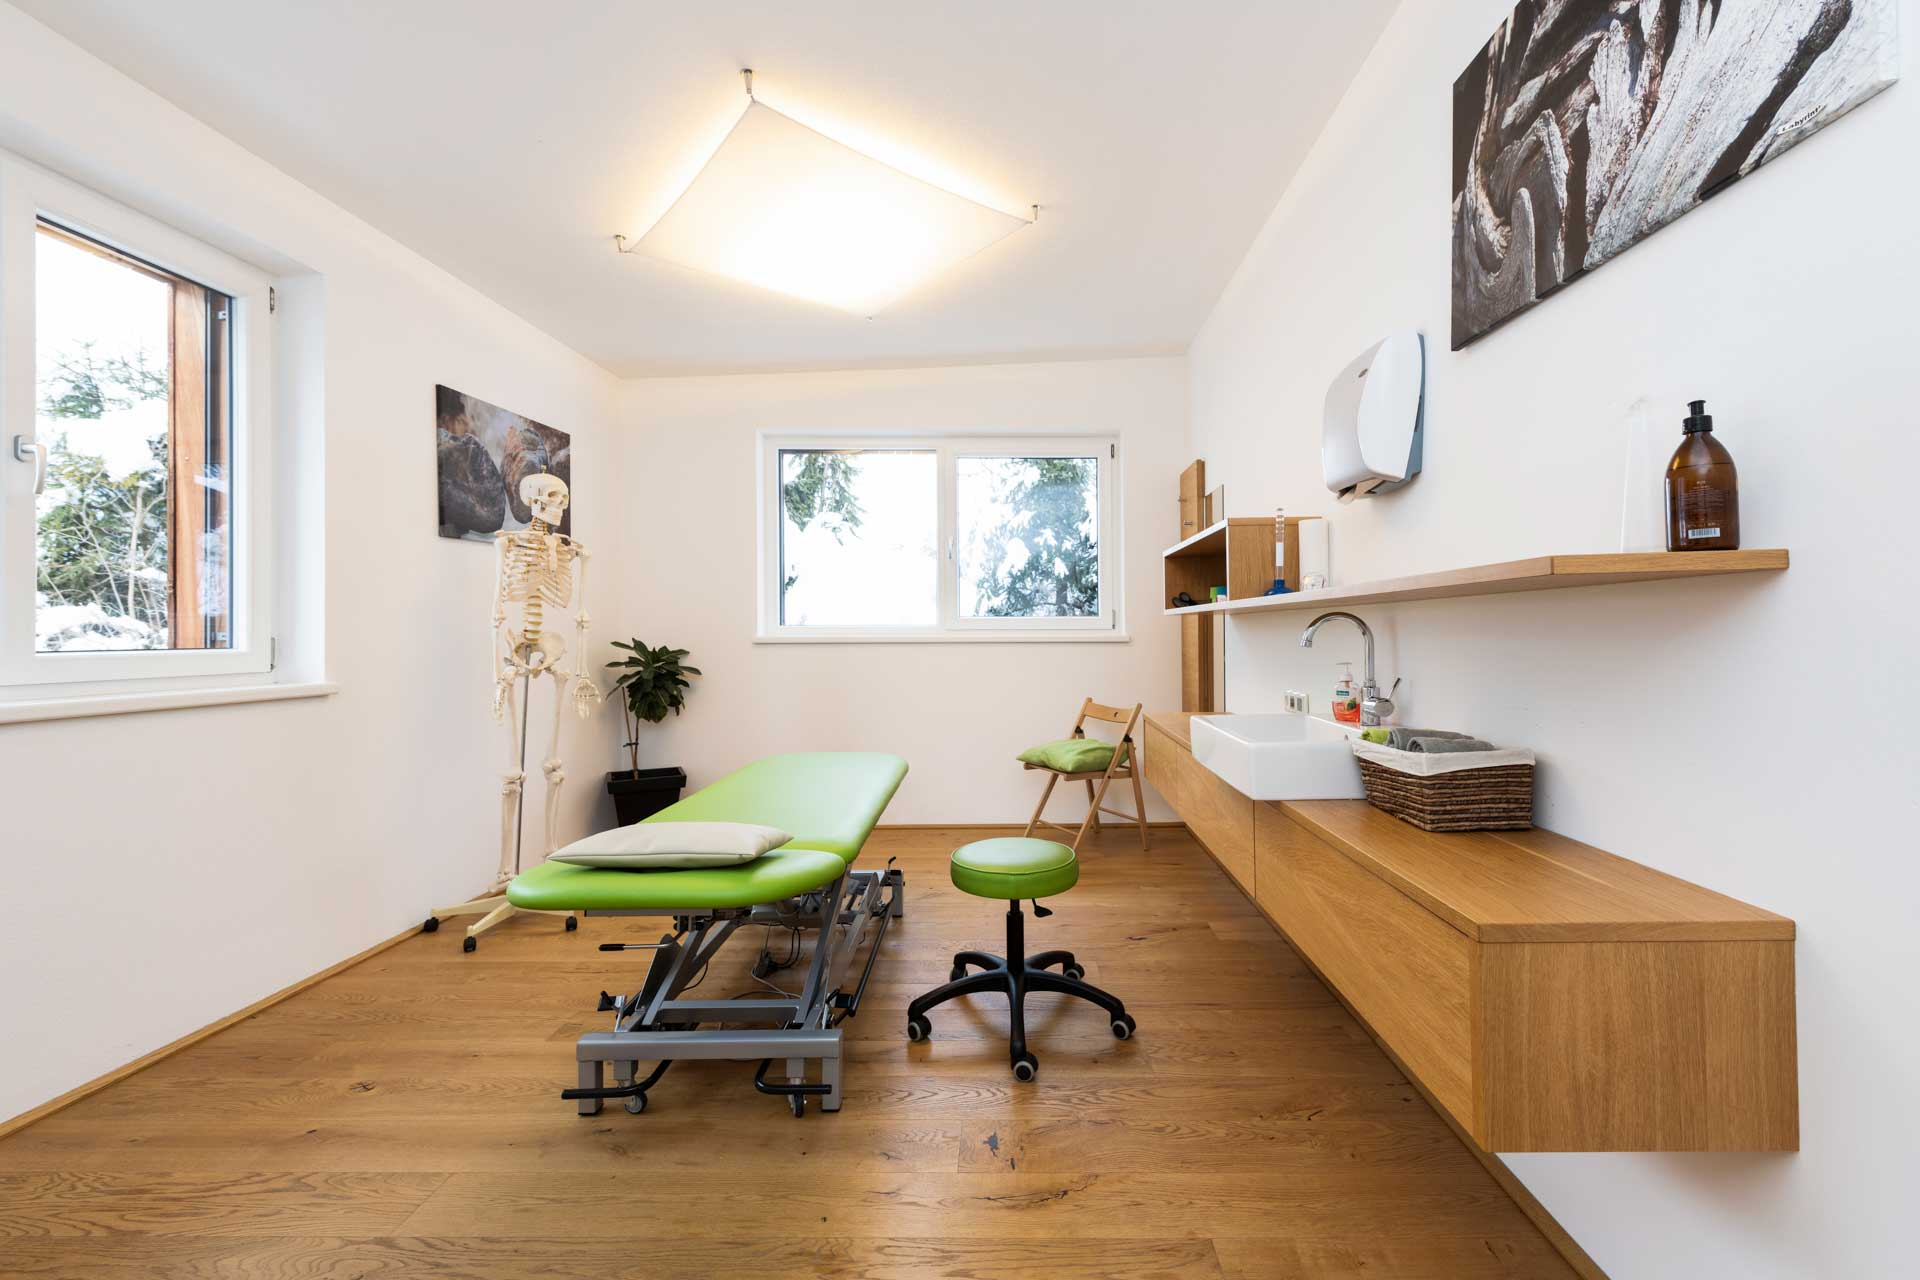 Therapiezentrum Stubai - Behandlungsraum - Physiotherapie, Osteopathie, Massagen